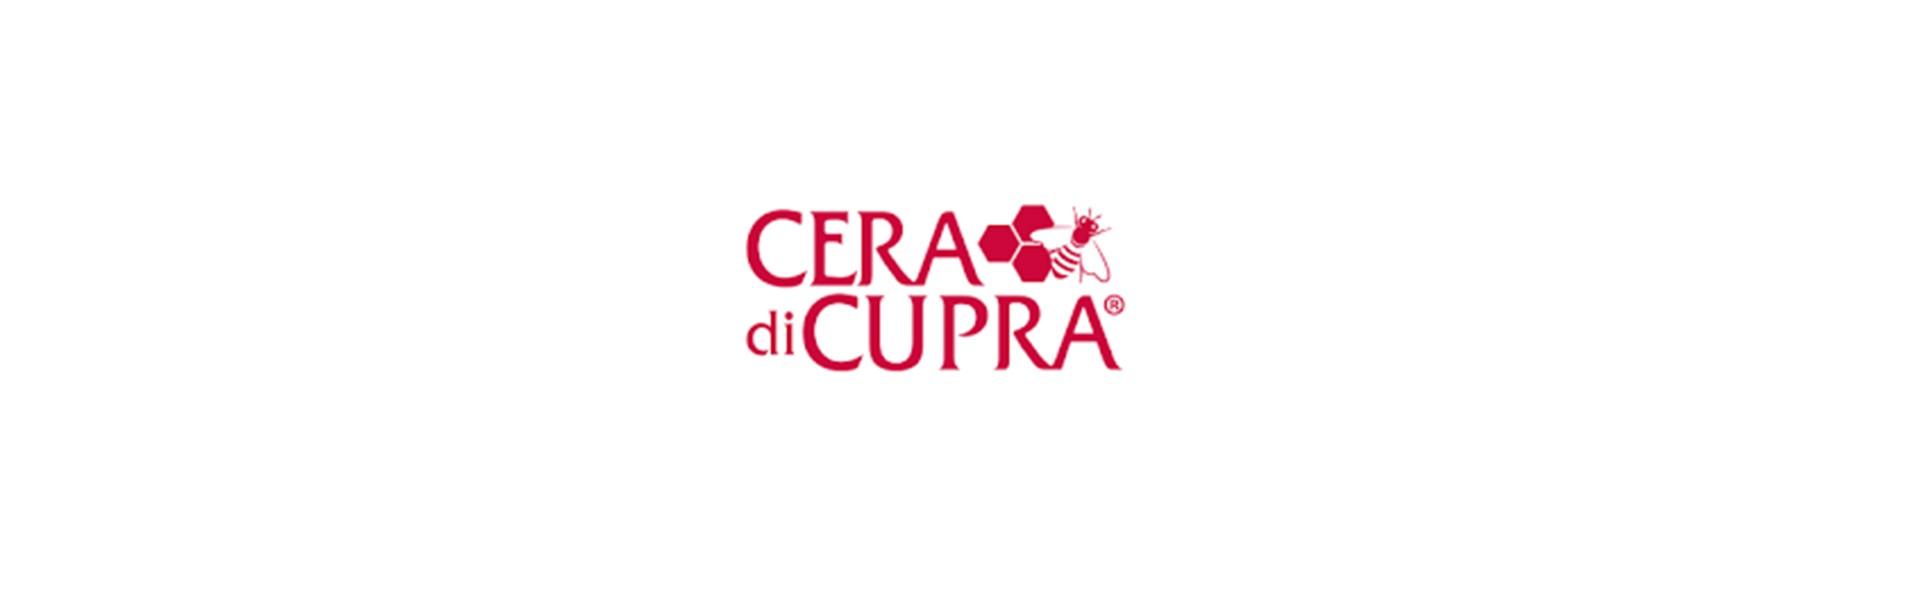 Cerra_di_Cupra